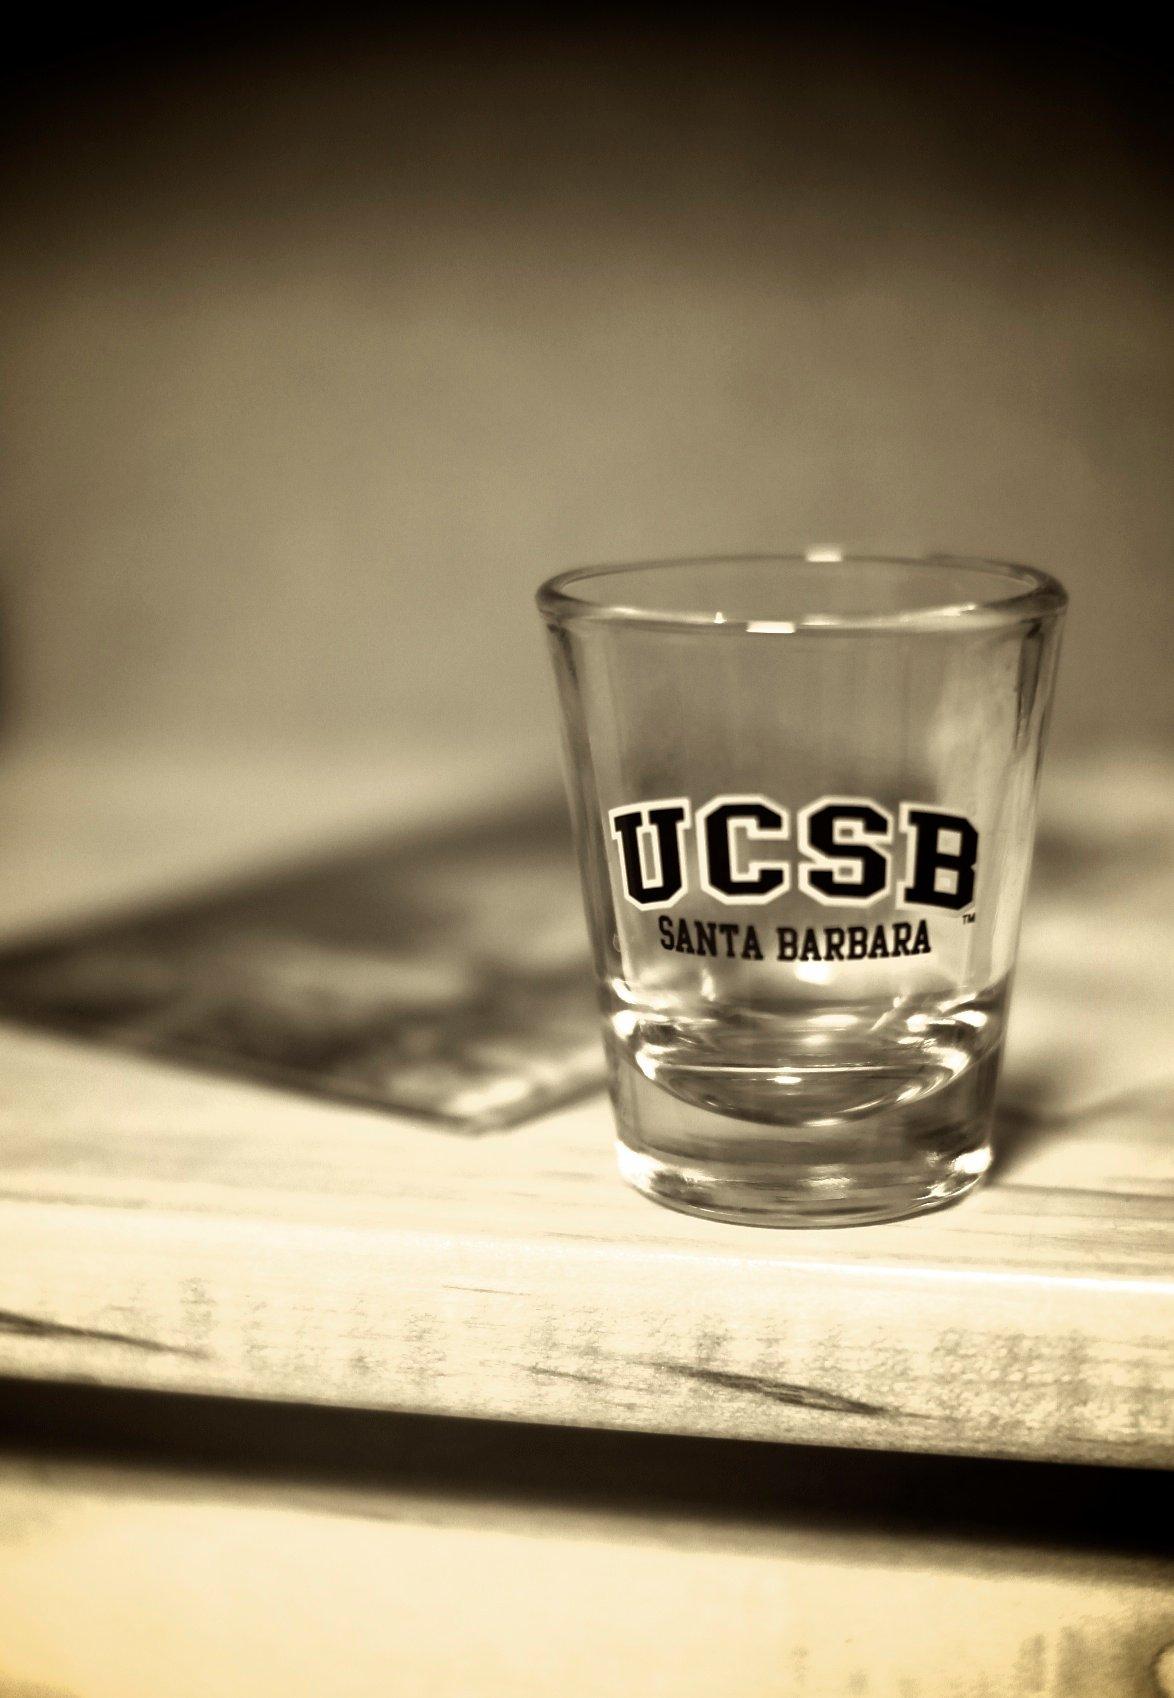 UCSB shot glass